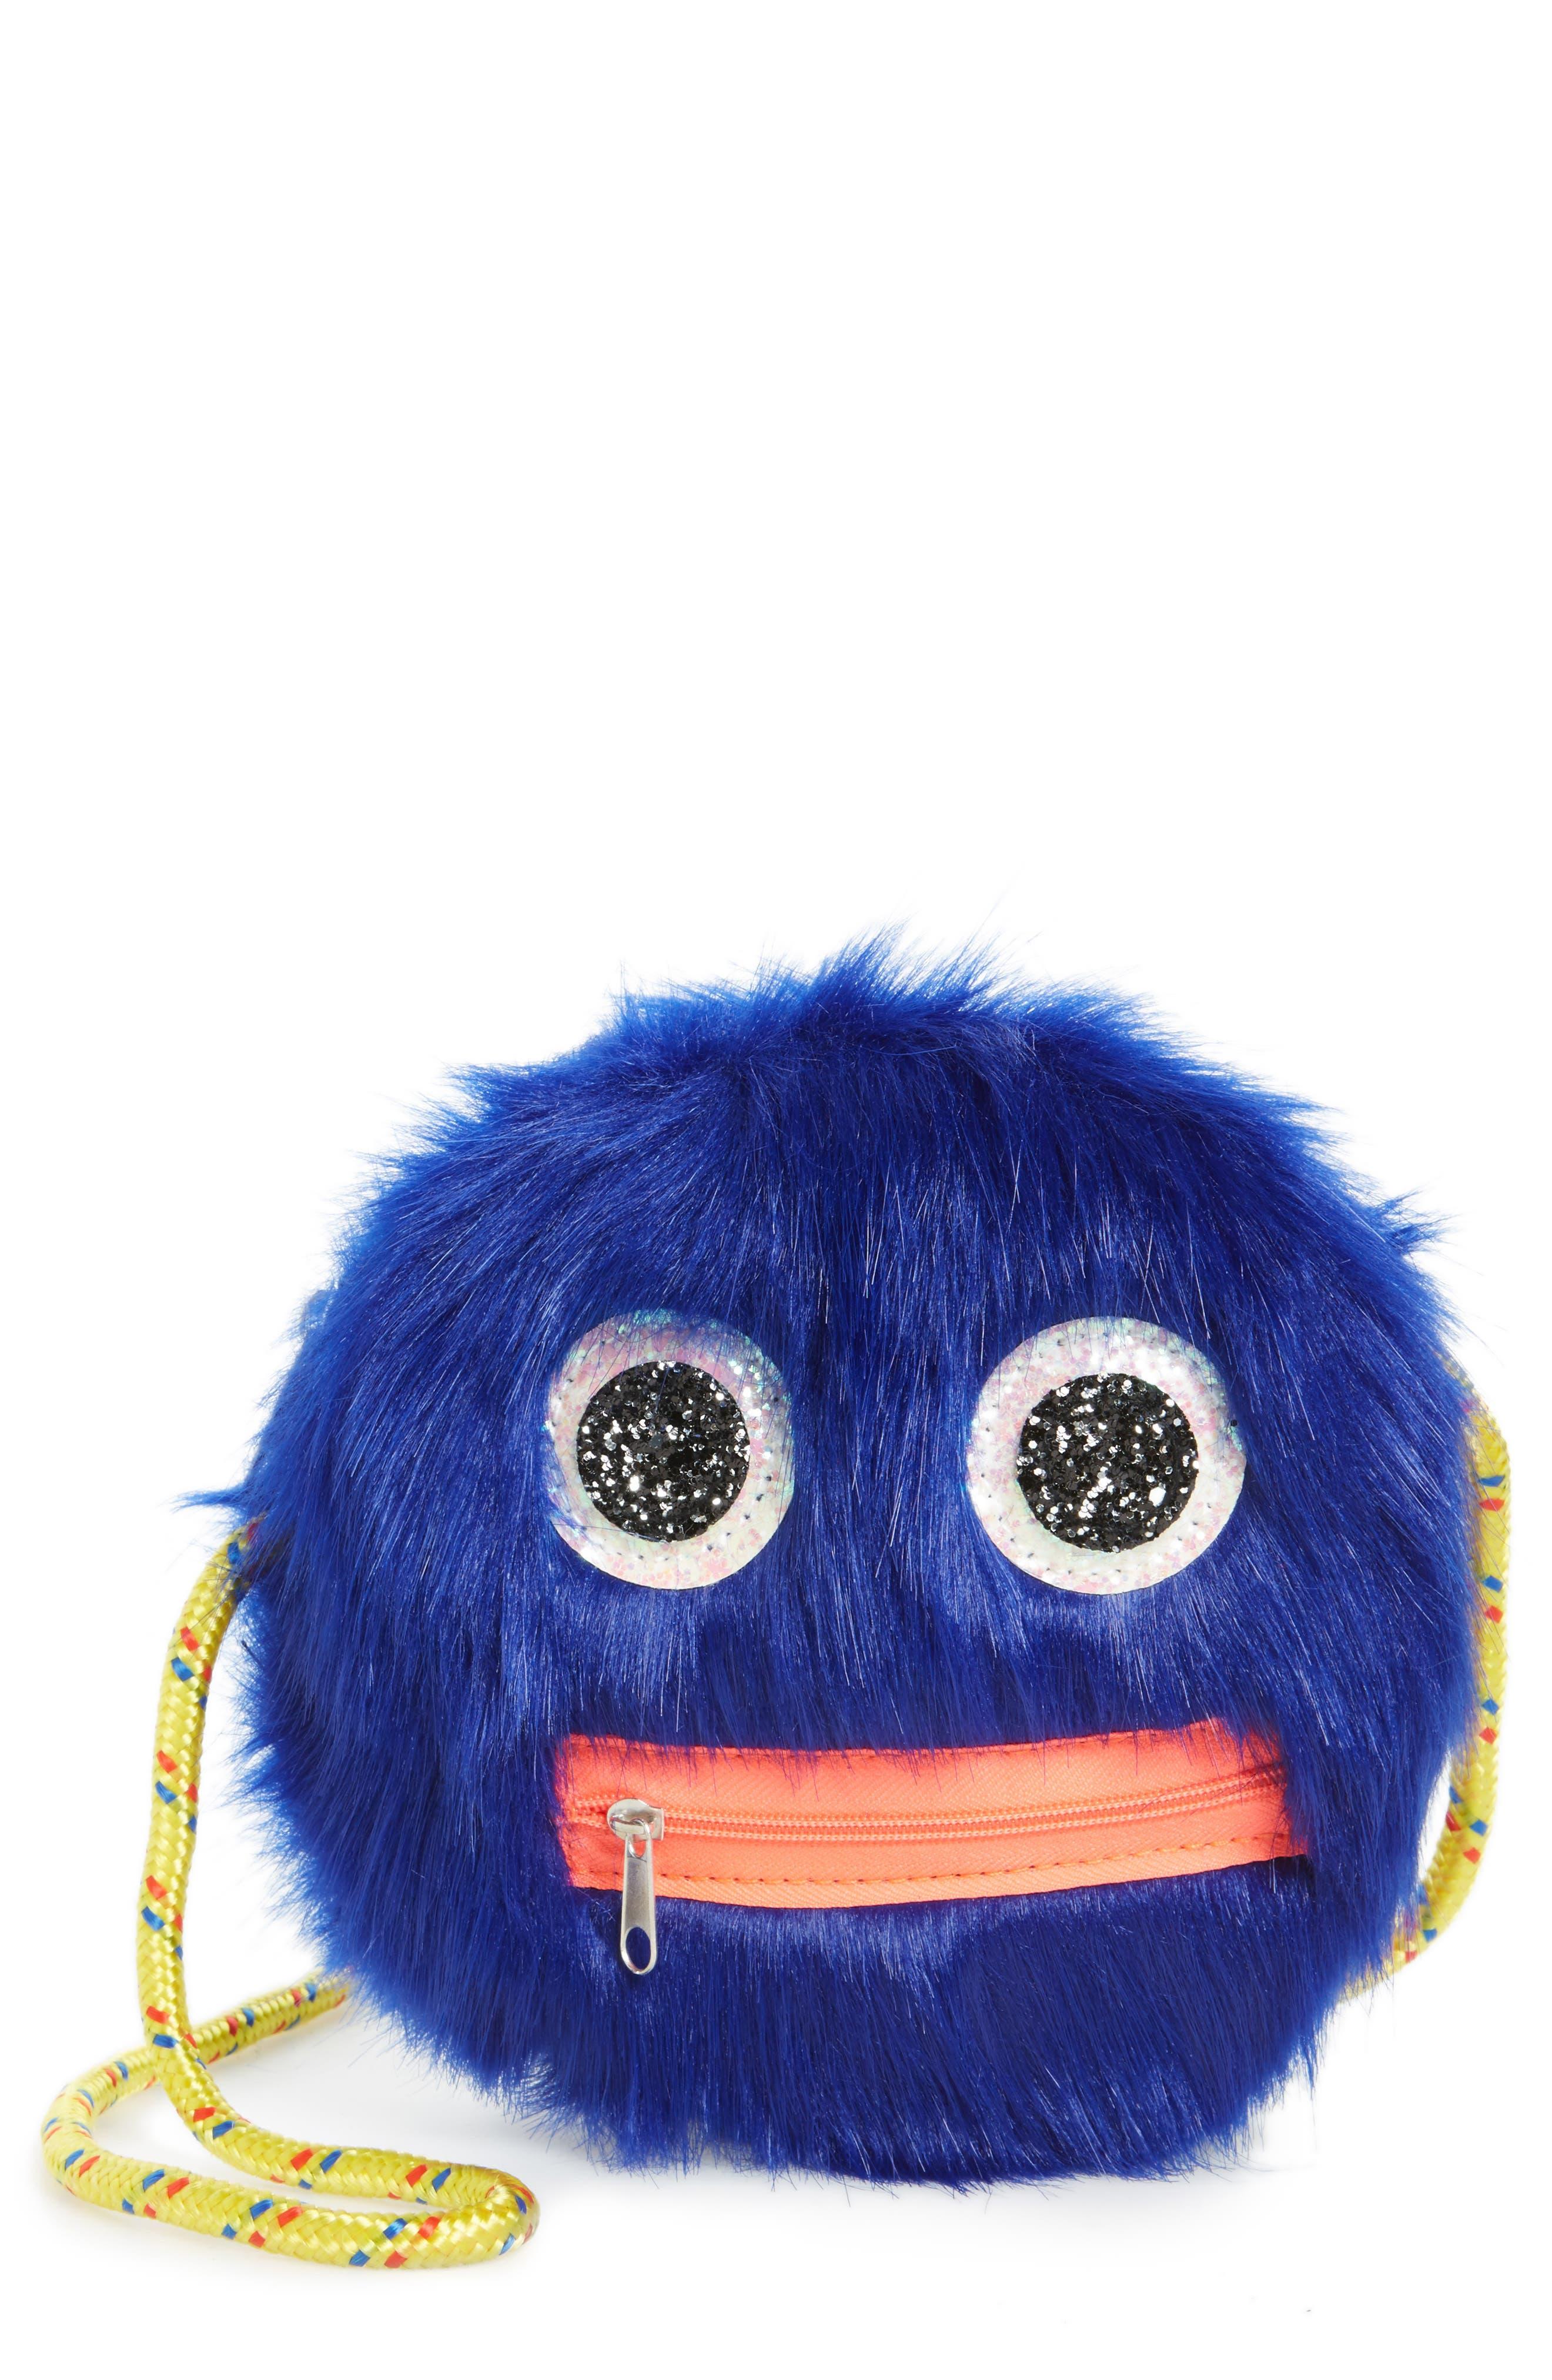 Capelli of New York Monster Bag (Kids)